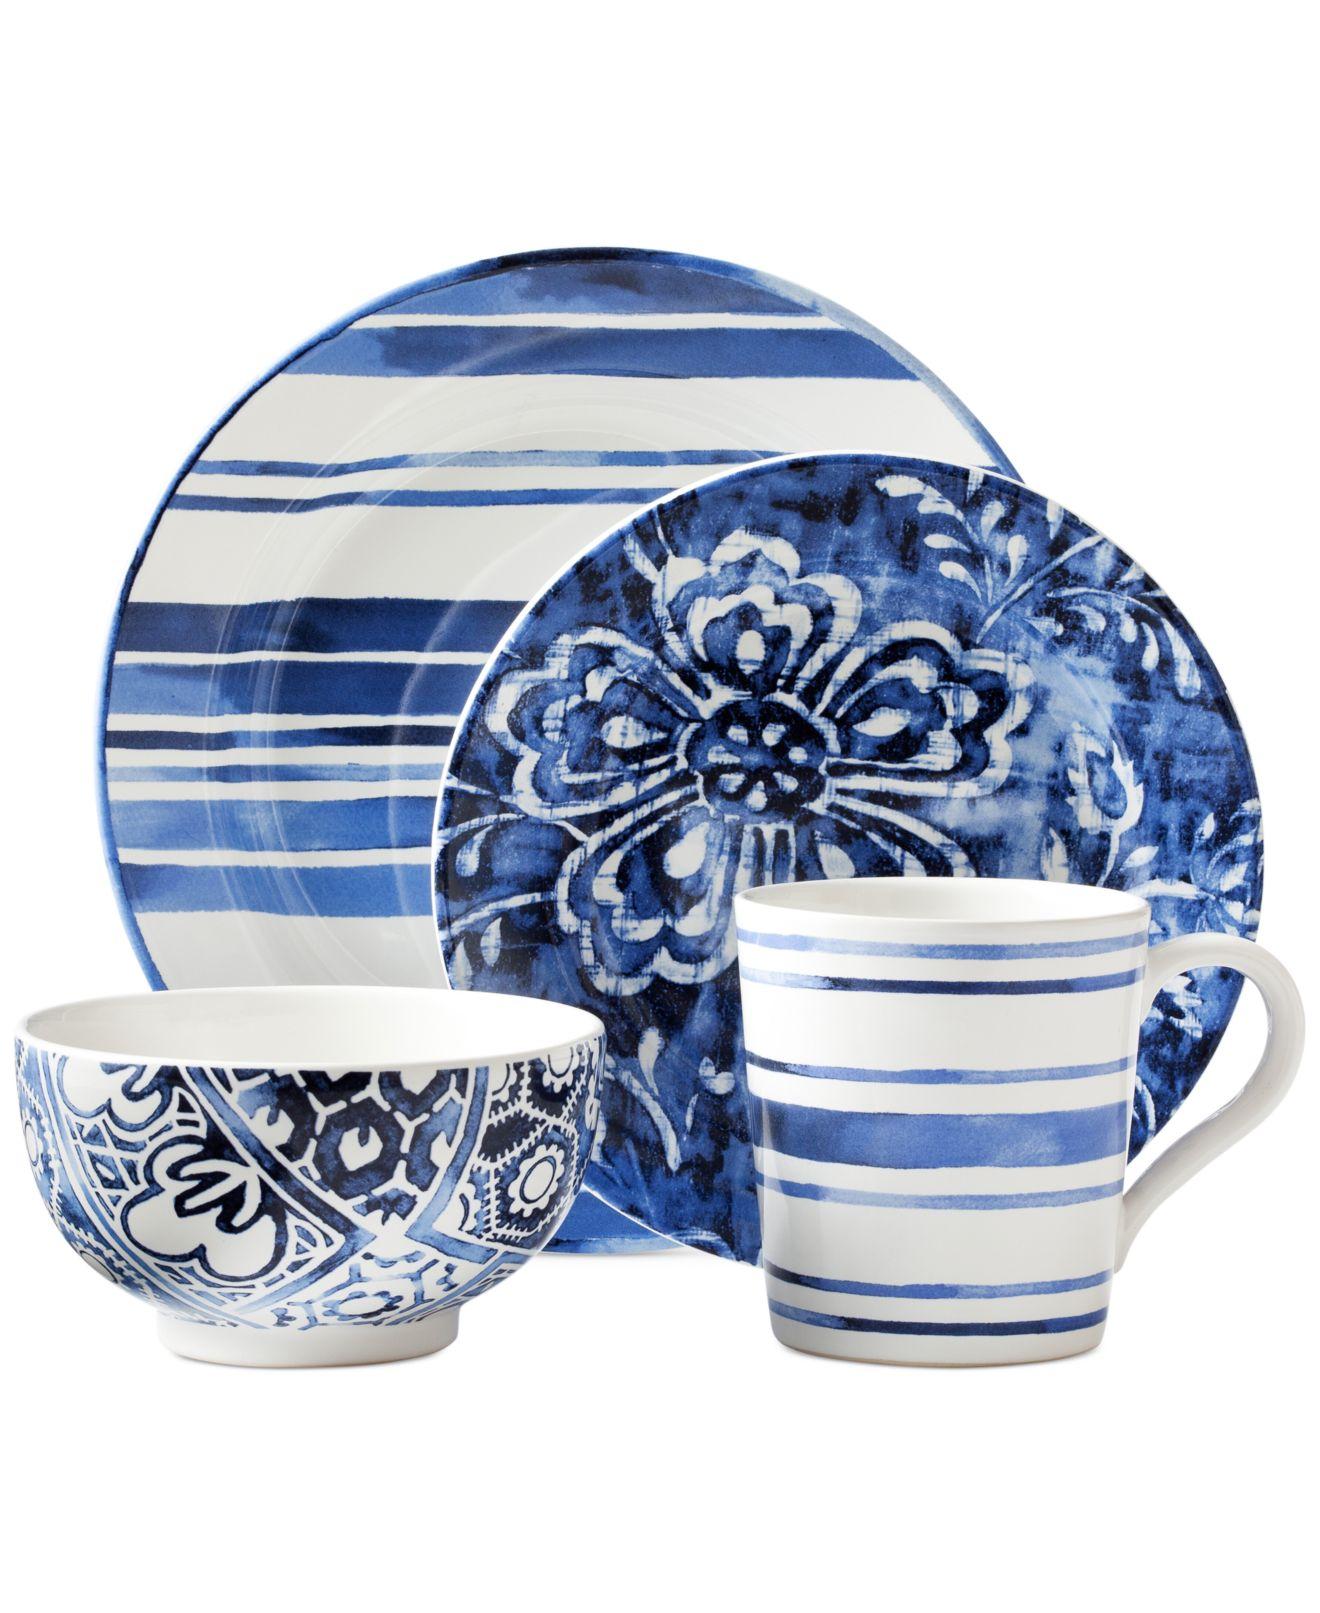 ralph lauren dinnerware macy s ralph lauren cote d azur mix and match collection